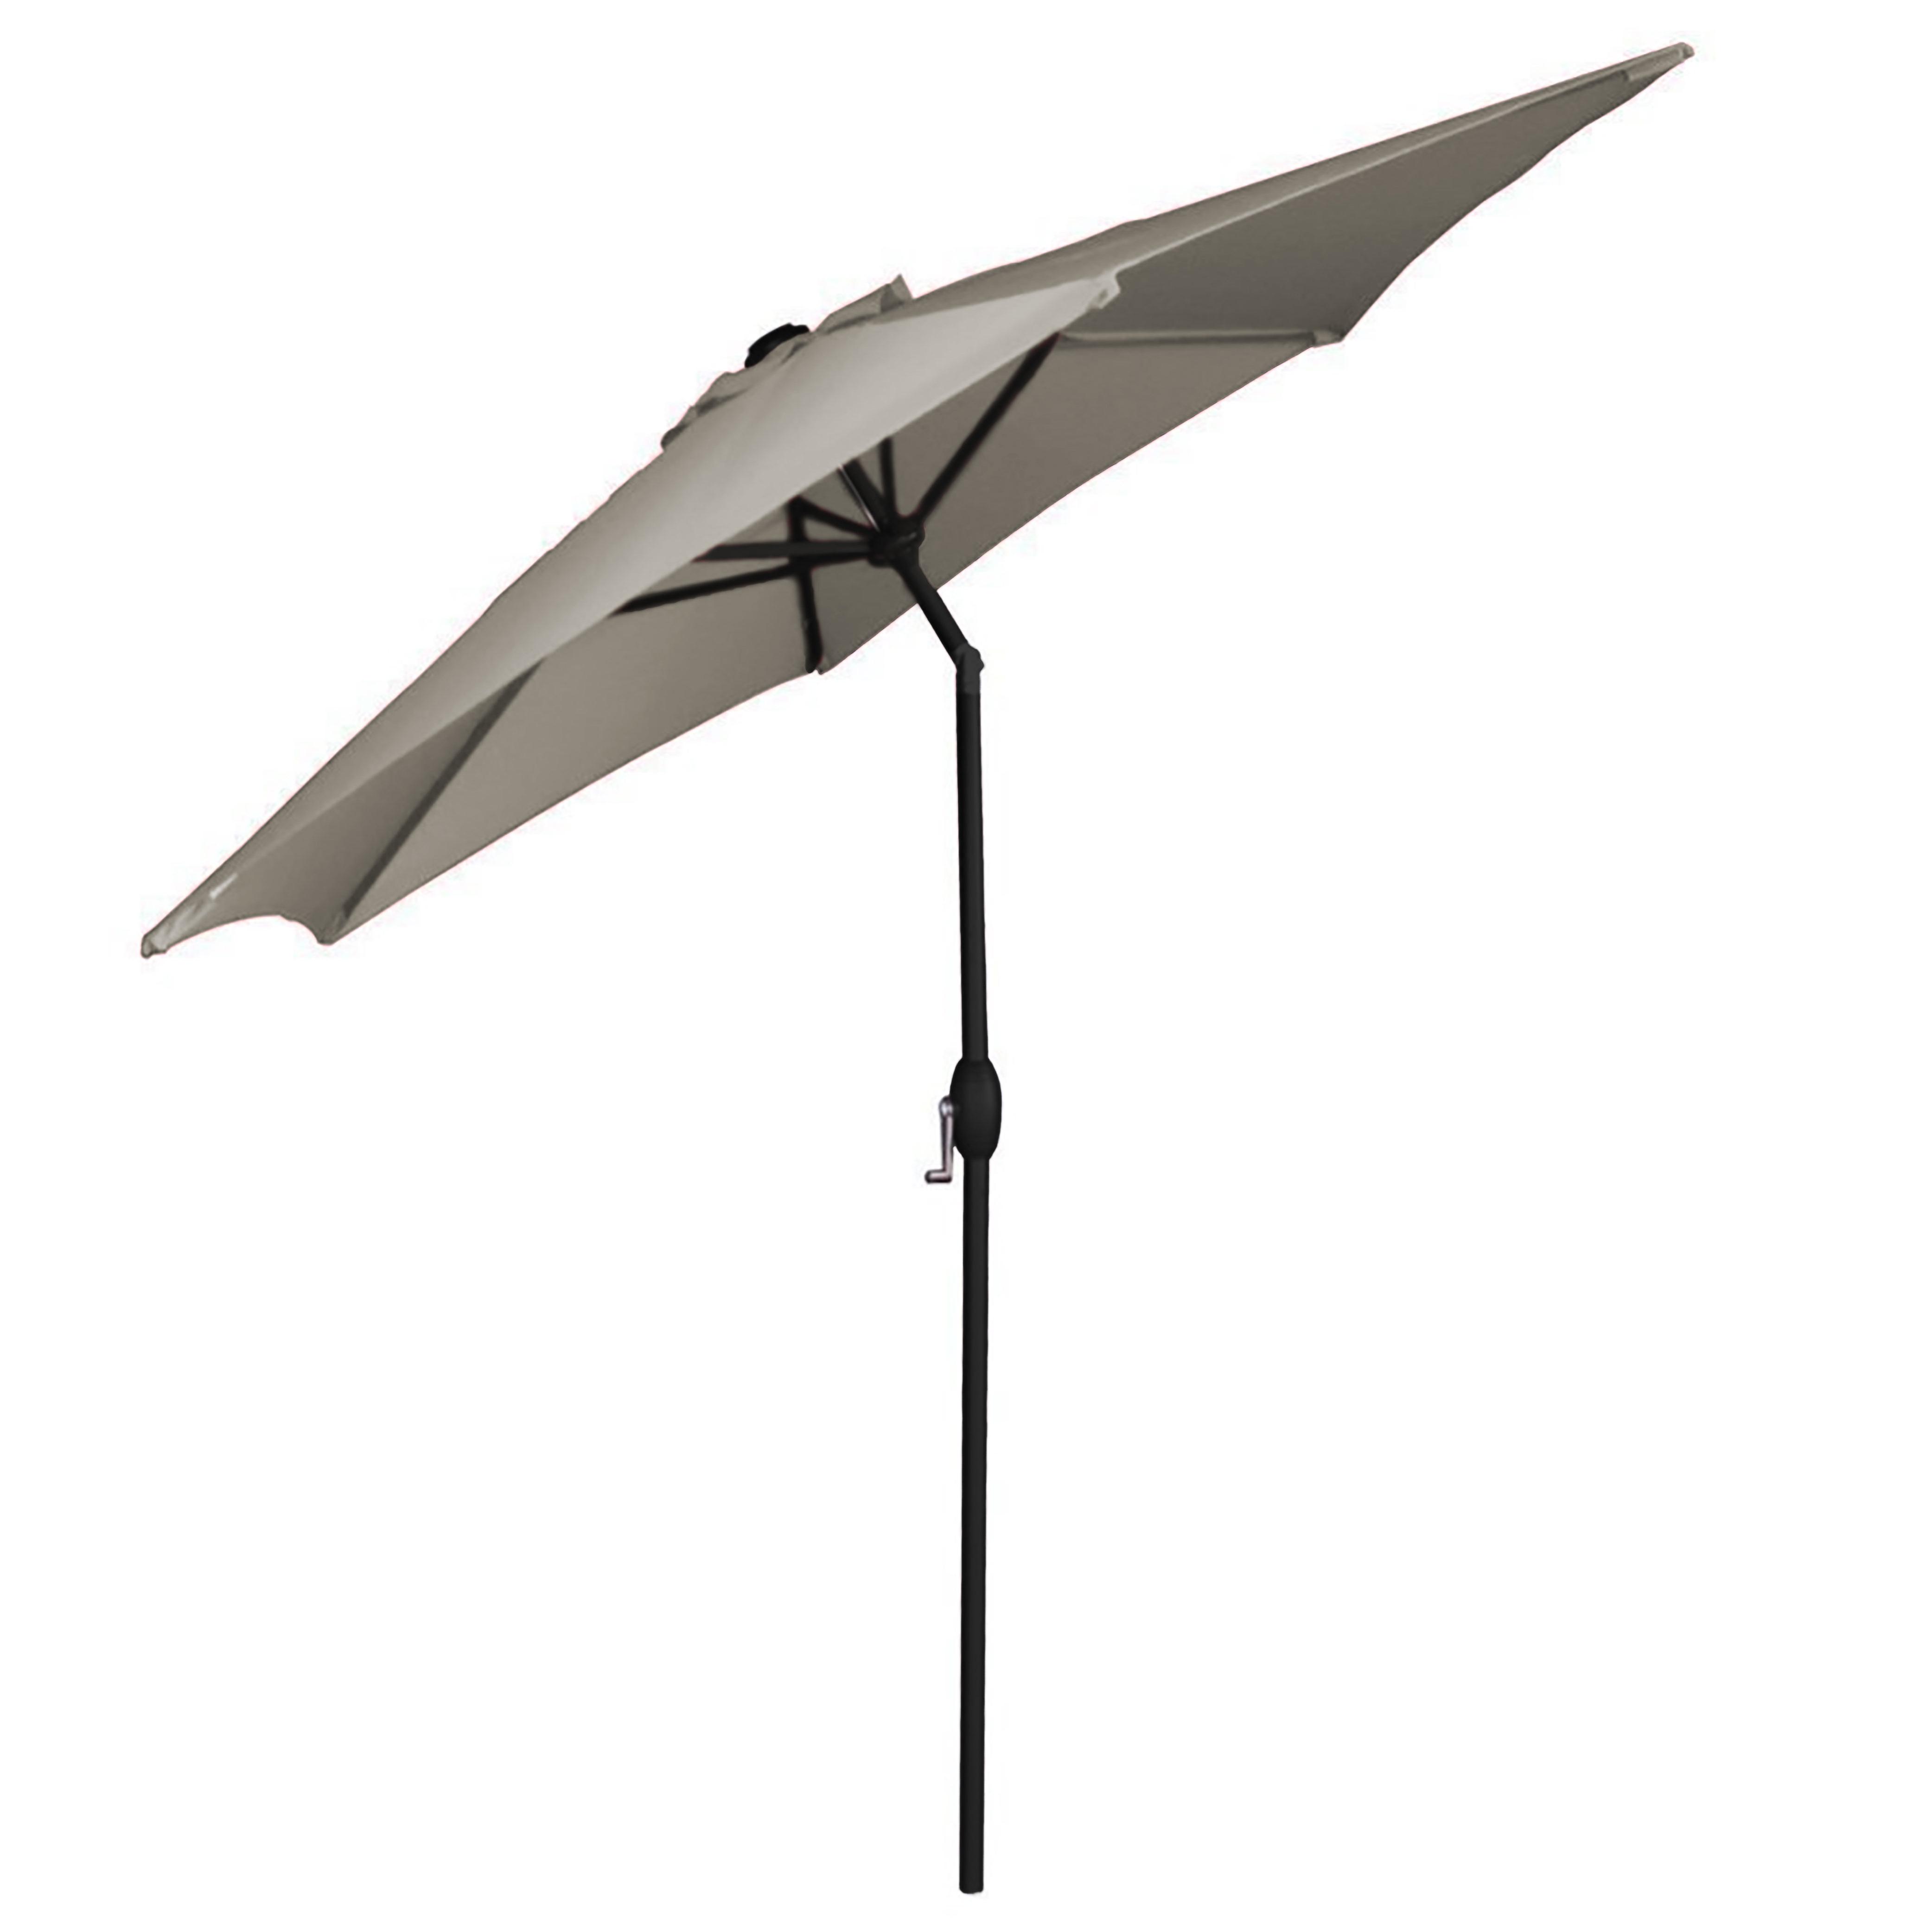 Panama Market Umbrella For Most Recent Artrip Market Umbrellas (View 16 of 20)